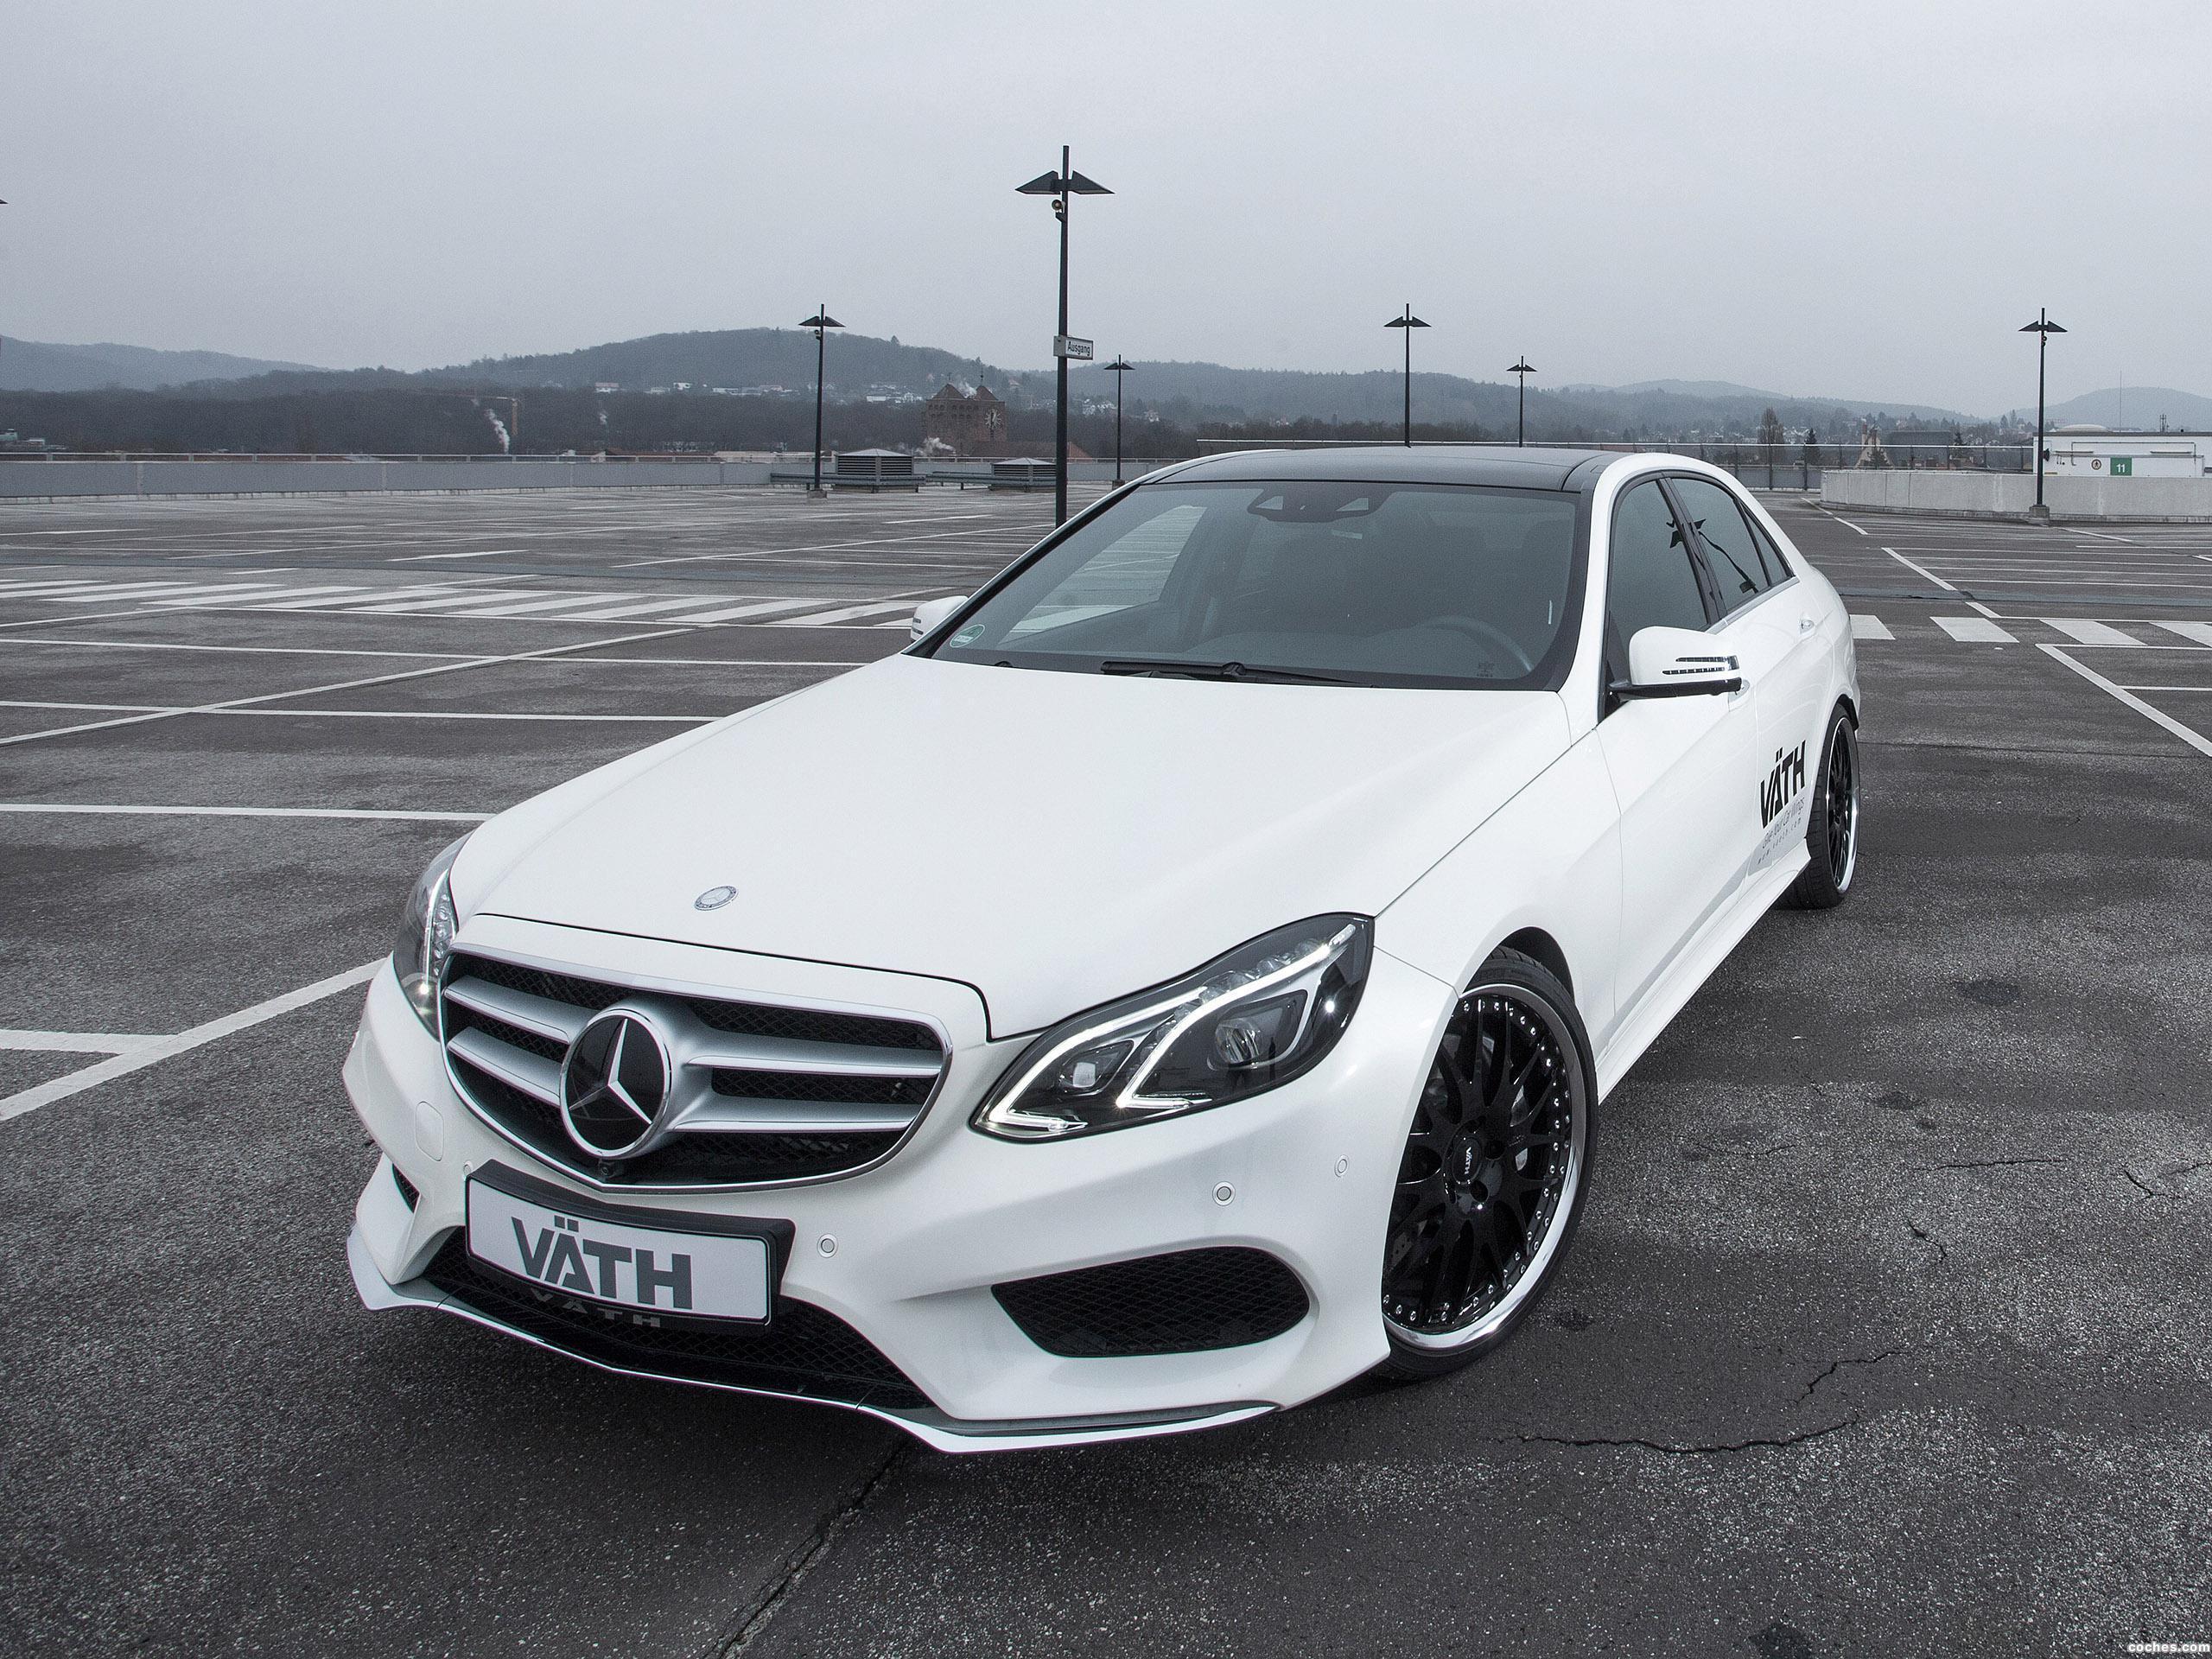 Foto 0 de Vath Mercedes Clase E V50 RS W212 2015